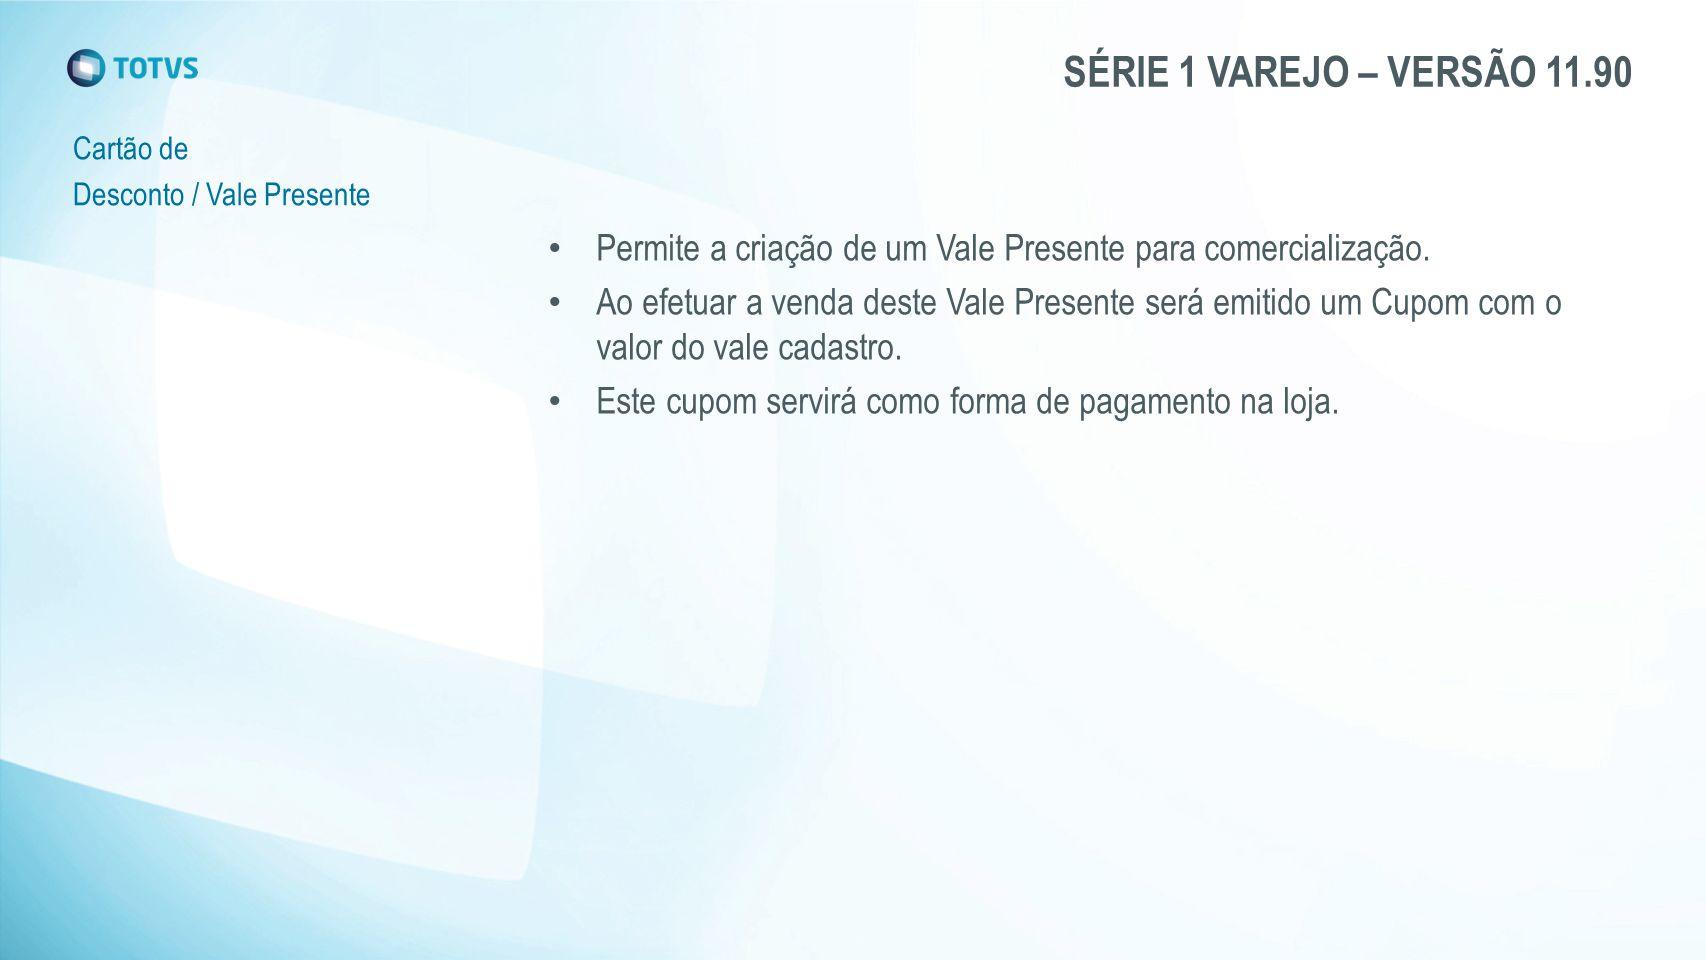 SÉRIE 1 VAREJO – VERSÃO 11.90 Cartão de Desconto / Vale Presente Permite a criação de um Vale Presente para comercialização. Ao efetuar a venda deste